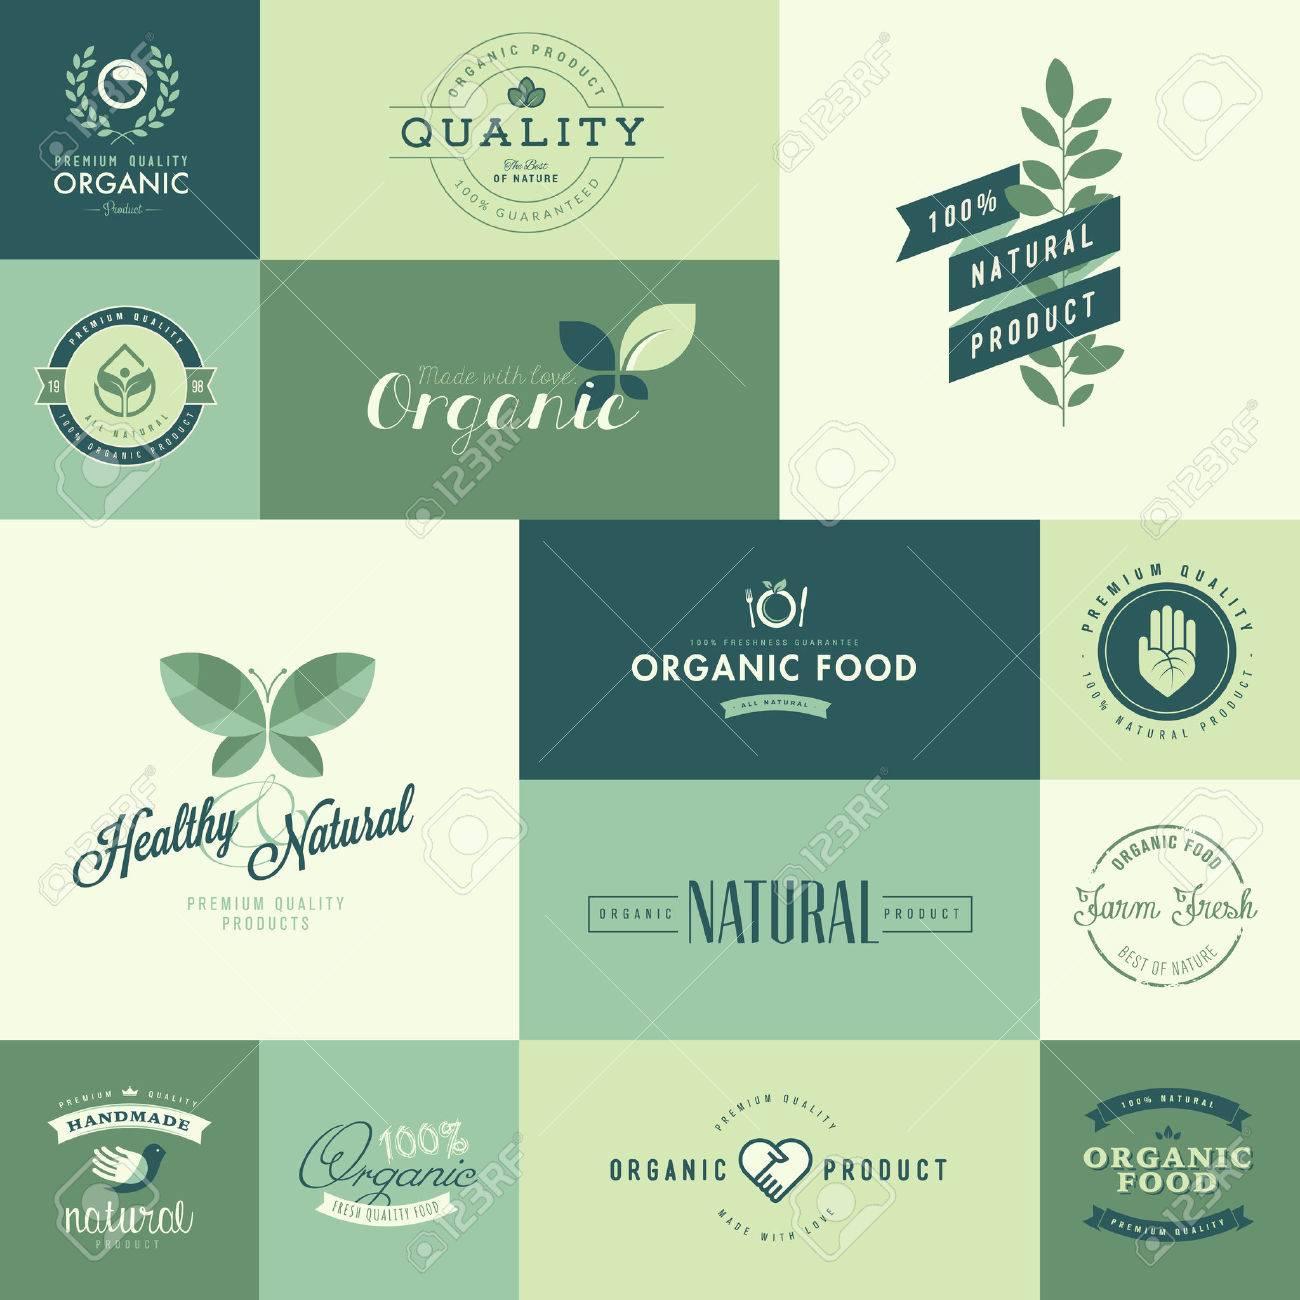 Design Ikonen set flache design ikonen für natürliche bio produkte lizenzfrei